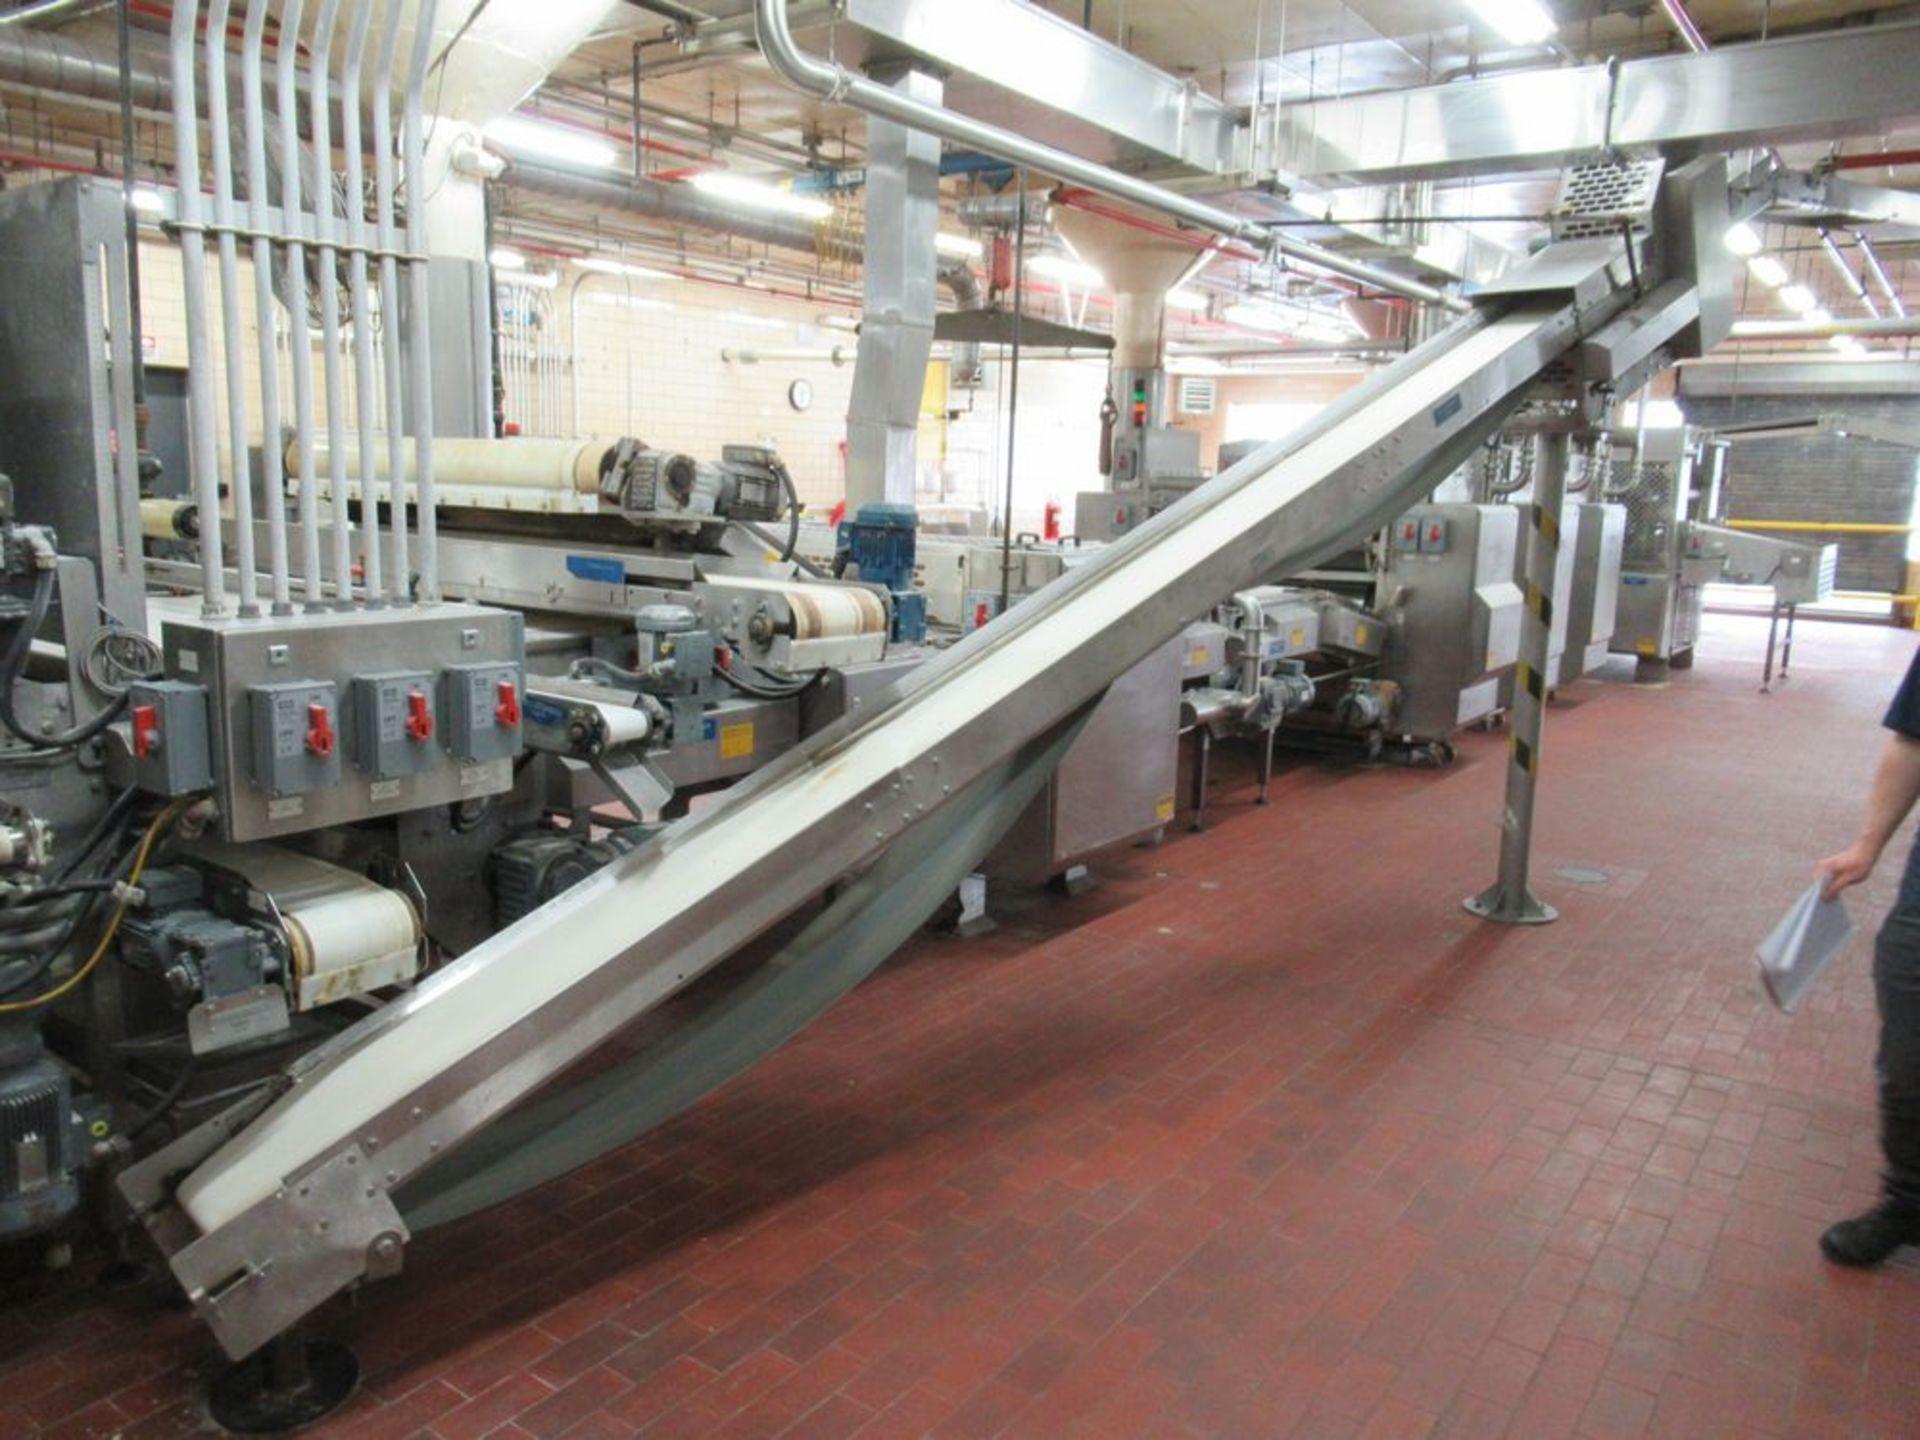 Lot 412 - Rework Conveyor